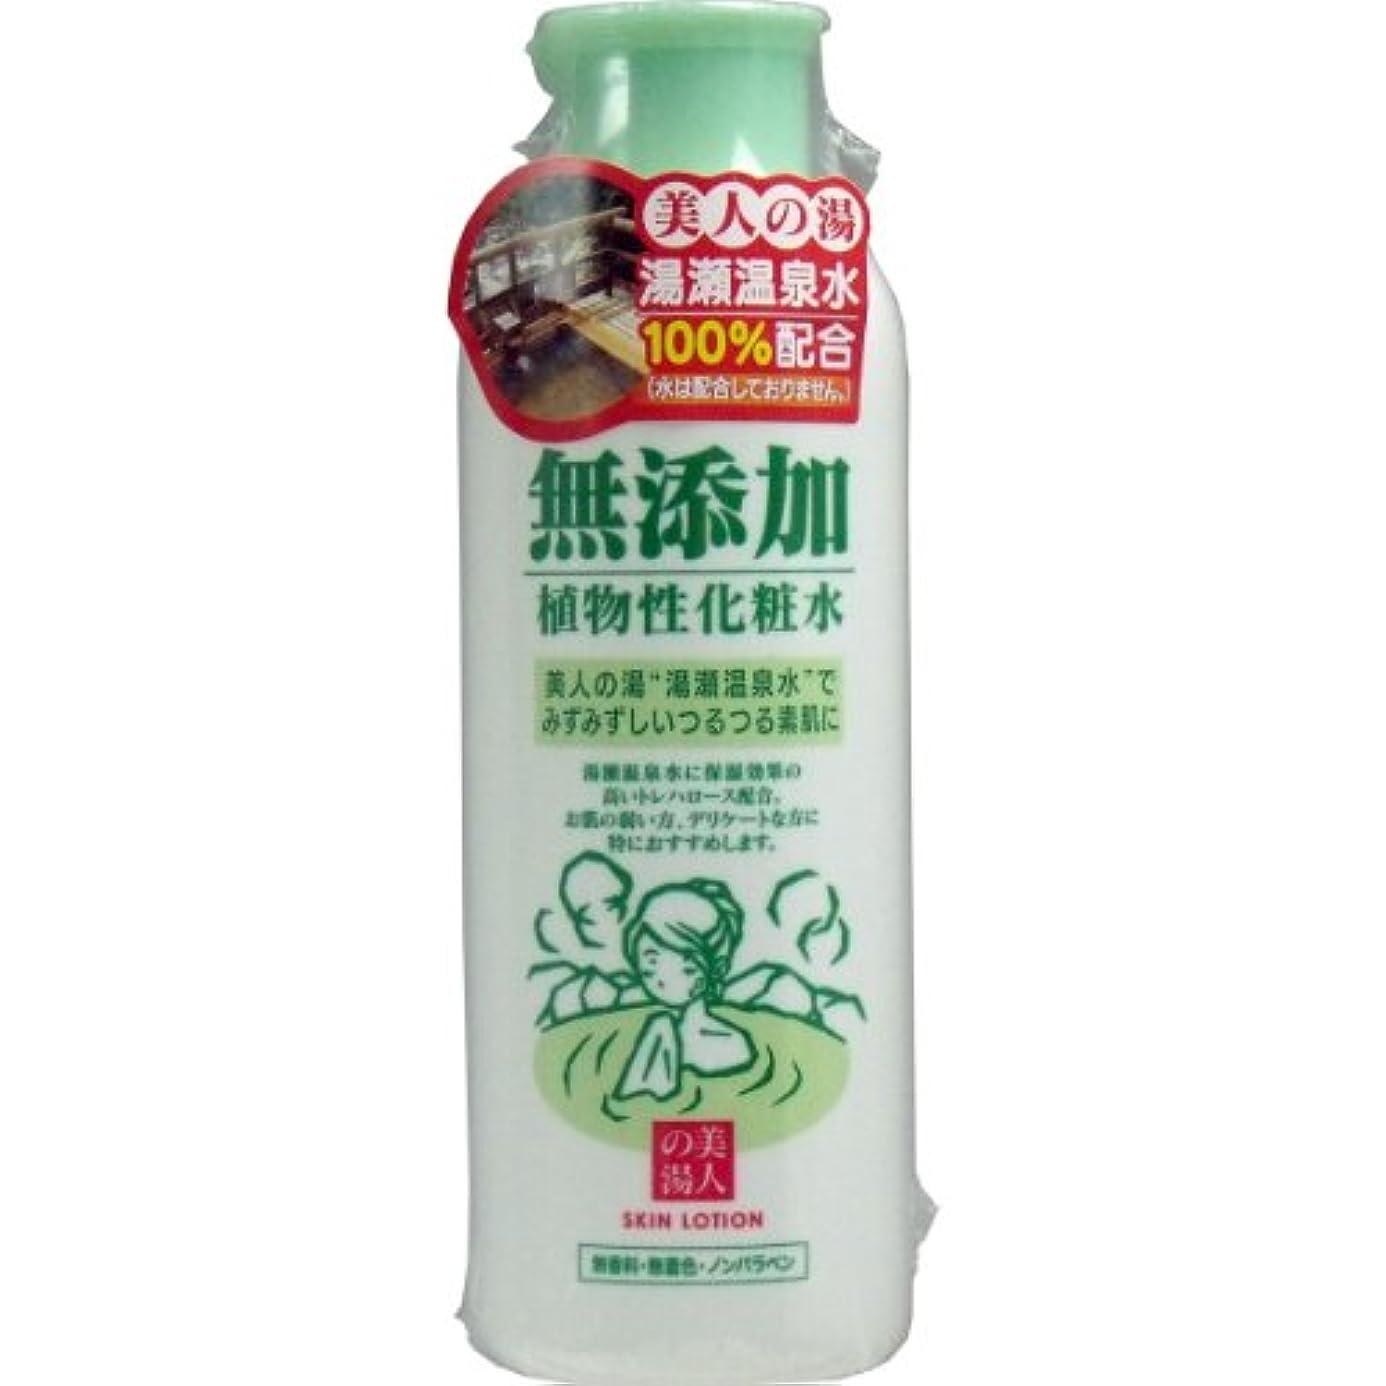 笑寛大な簡単にユゼ 無添加植物性 化粧水 200ml 【3セット】